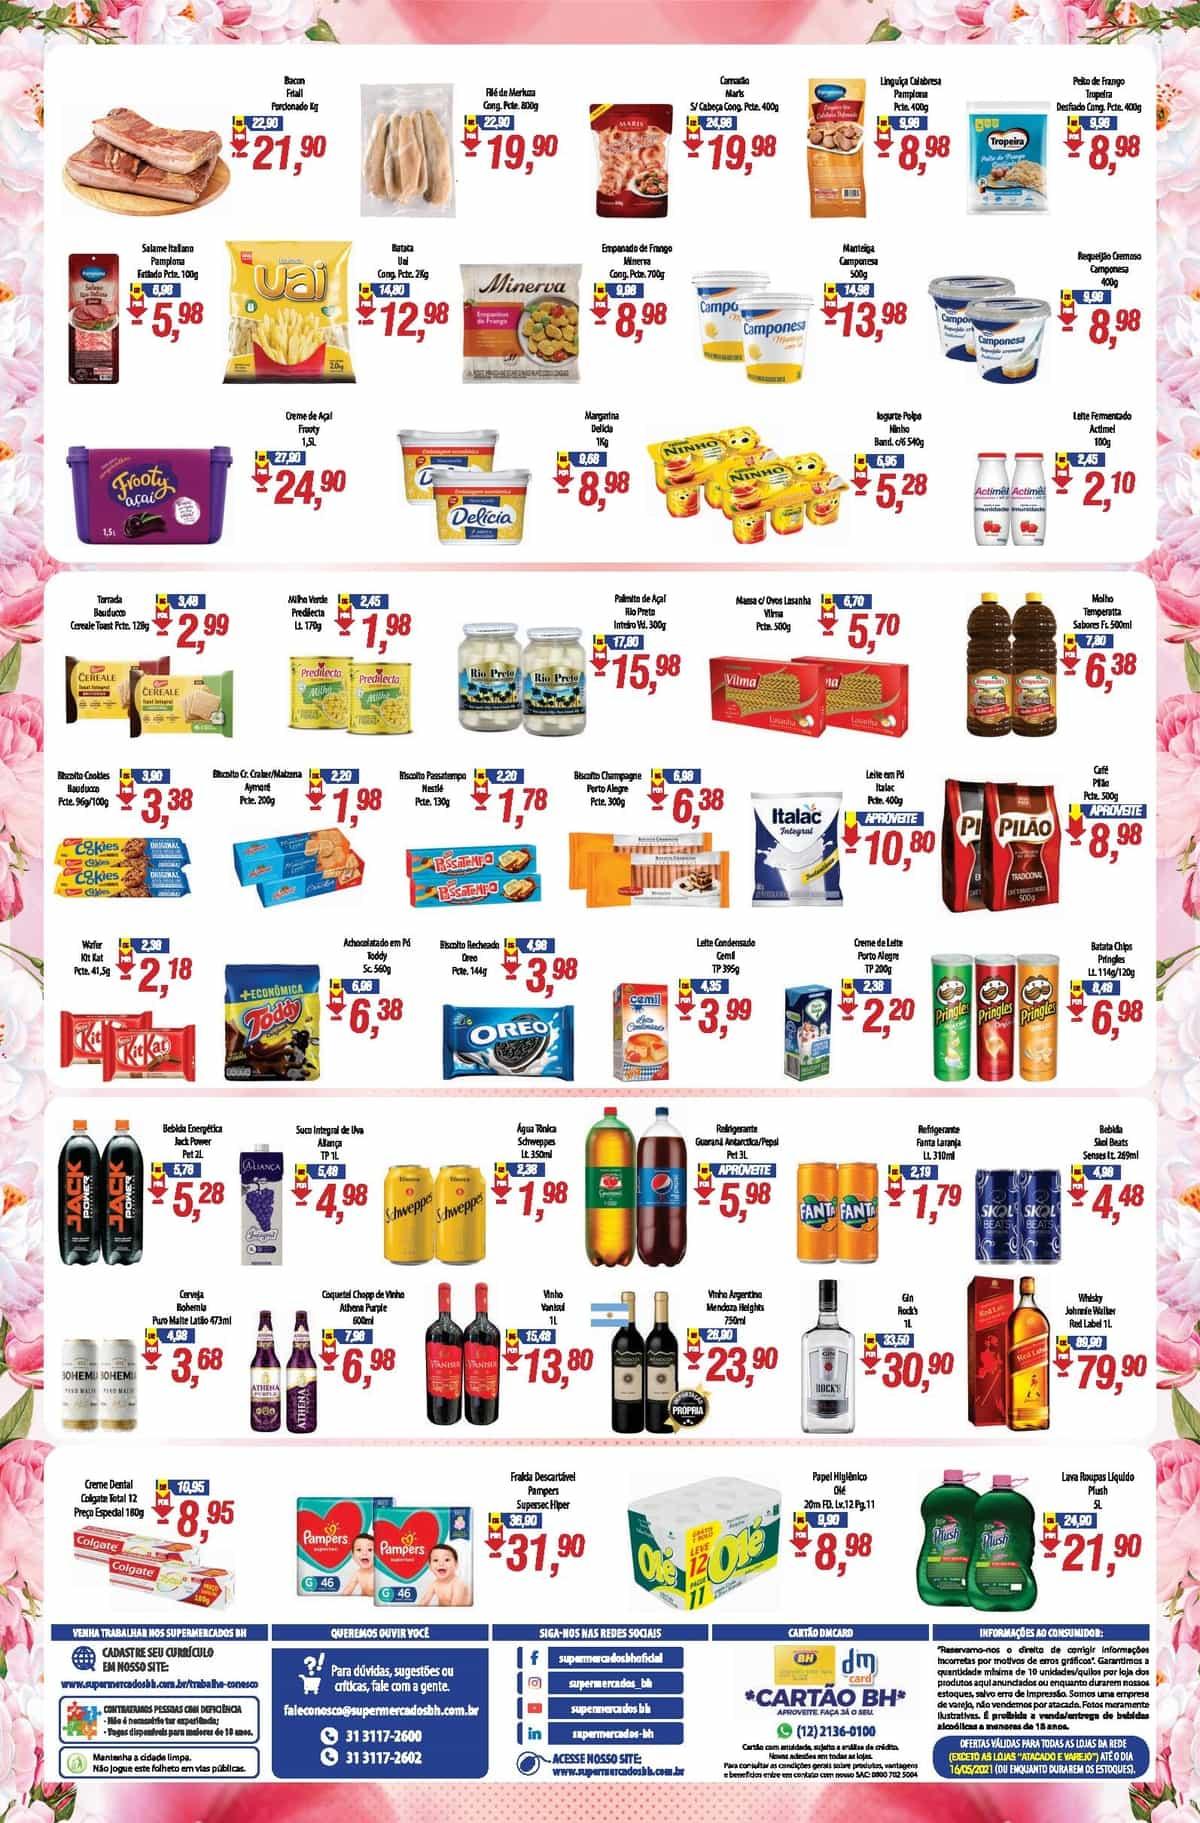 Ofertas Supermercados BH até 16/05